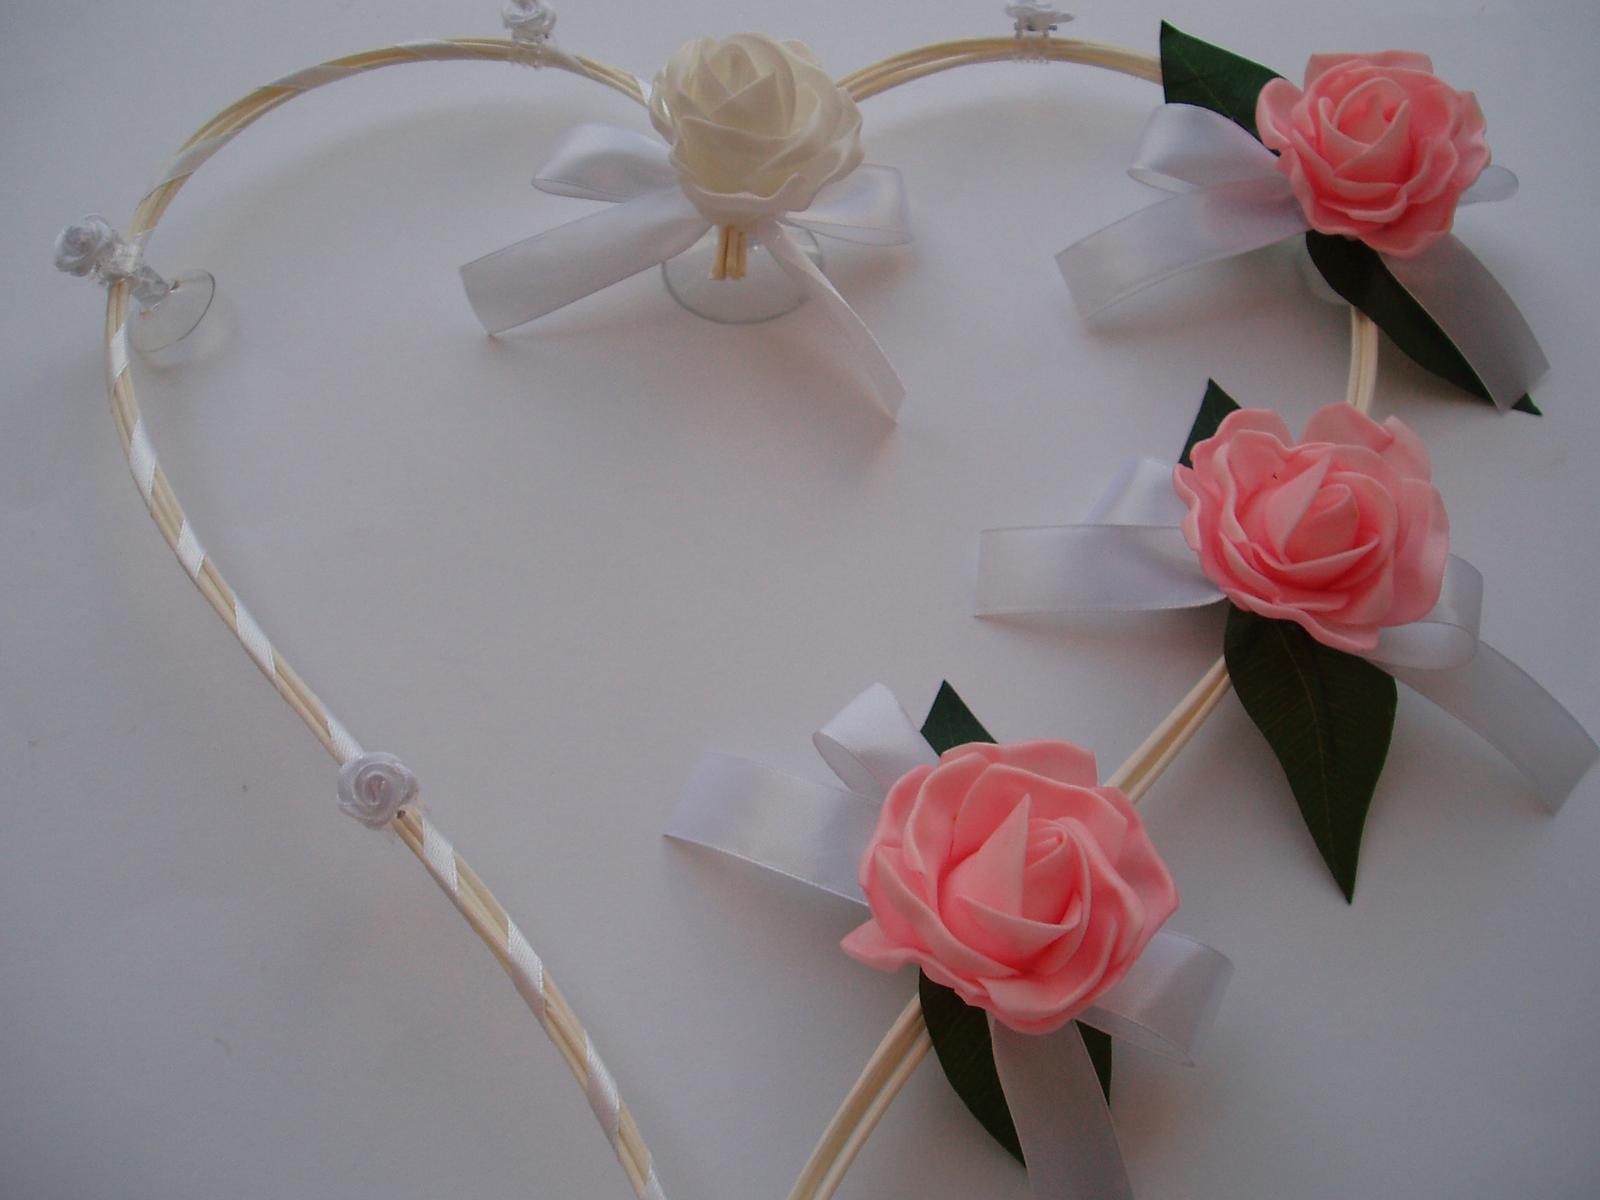 srdce z pedigu-růžové - Obrázek č. 1